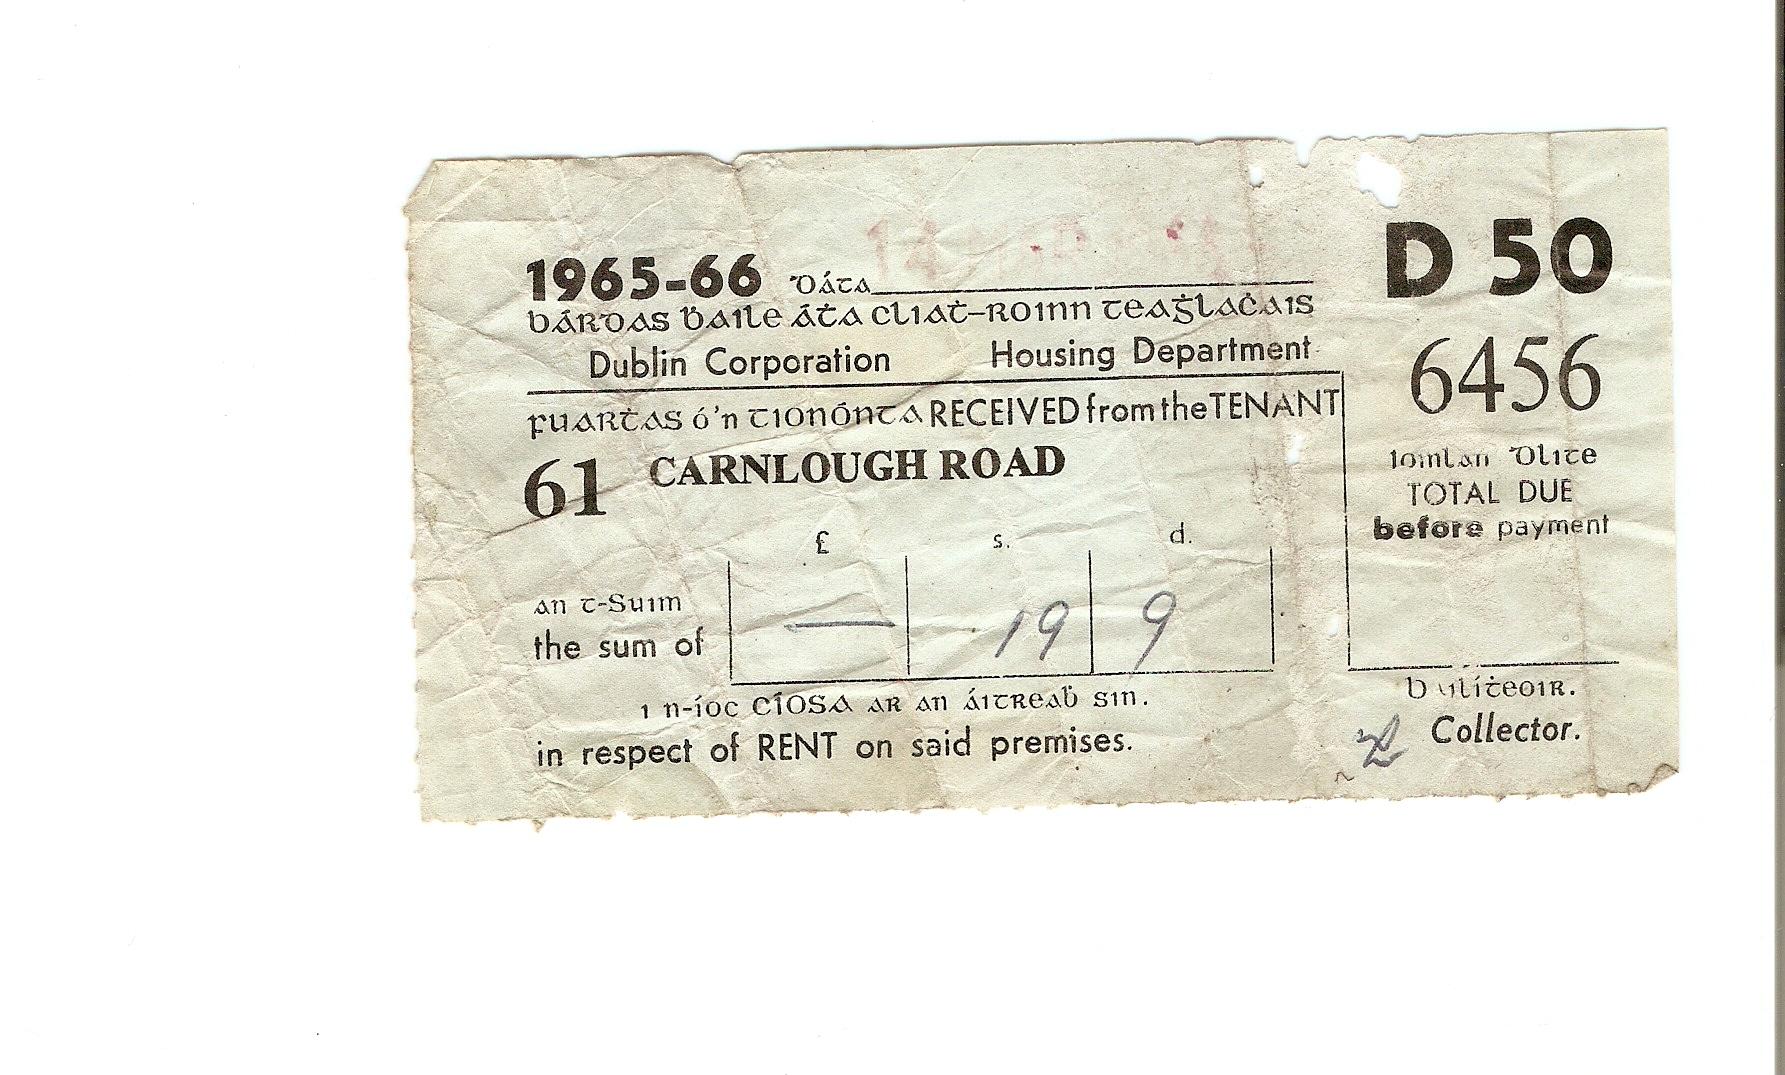 cabra-west-rent-receipt-1965-1966-from-tara-gleeson